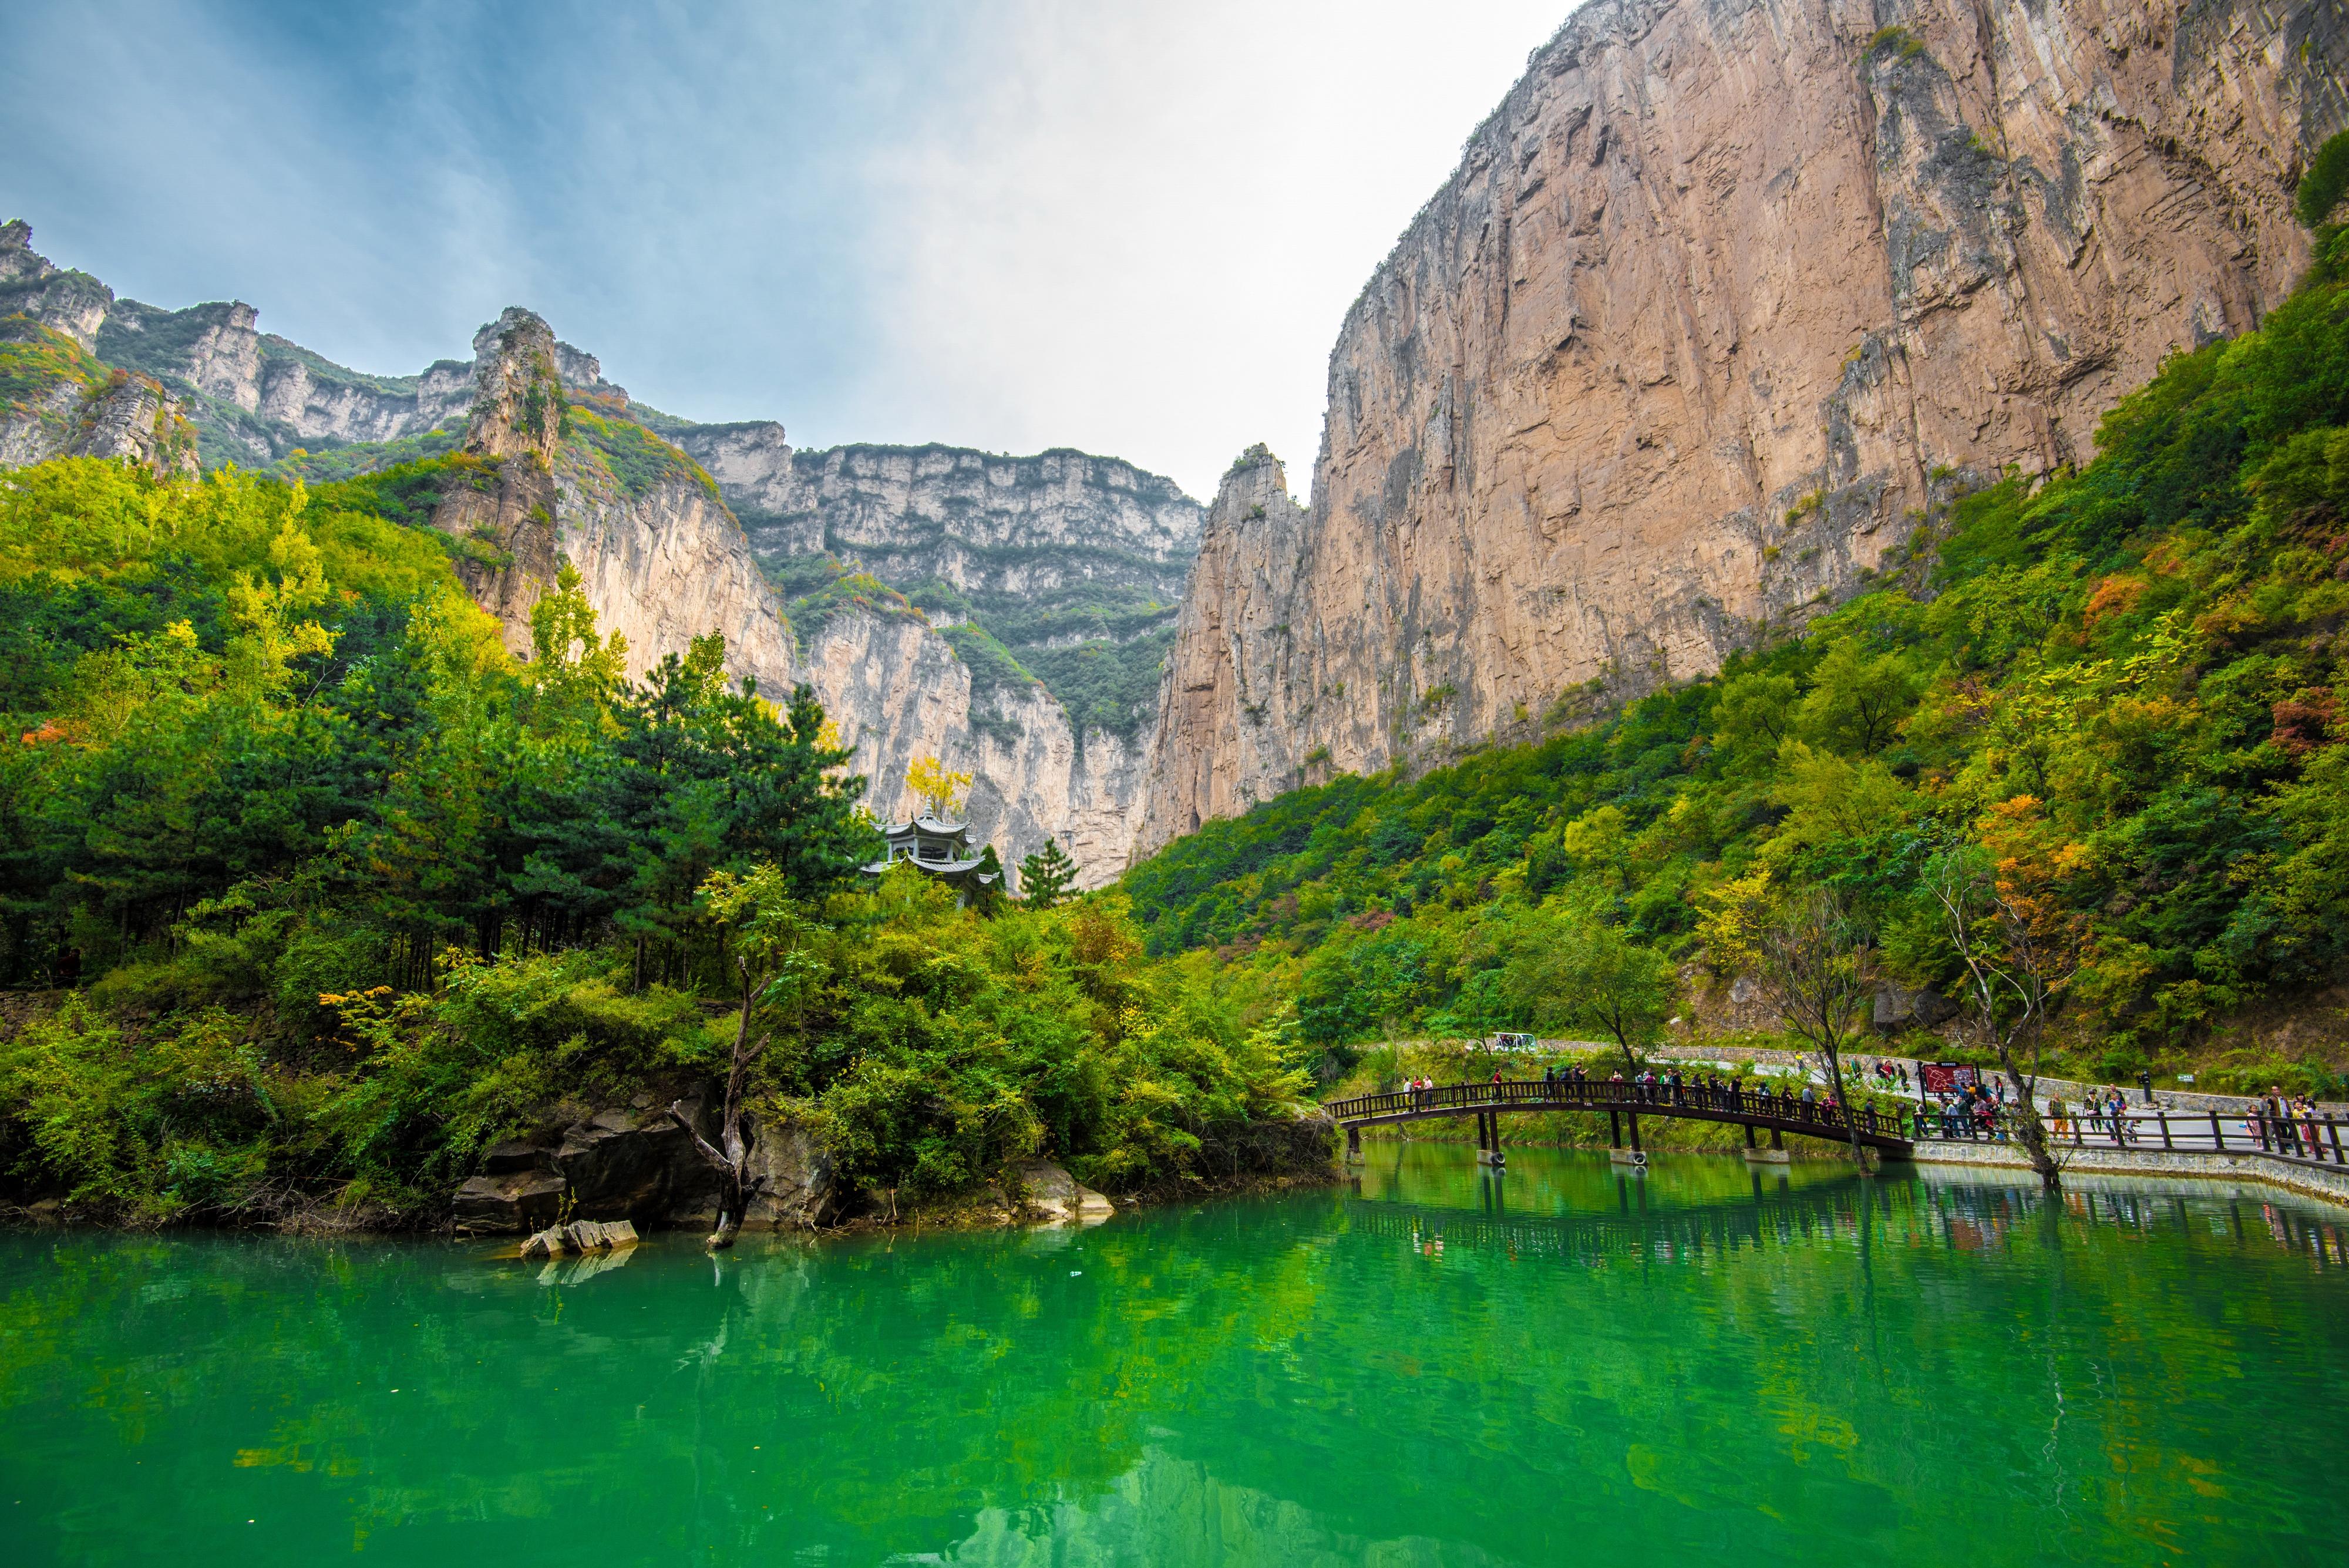 Tongtianxia Scenic Area